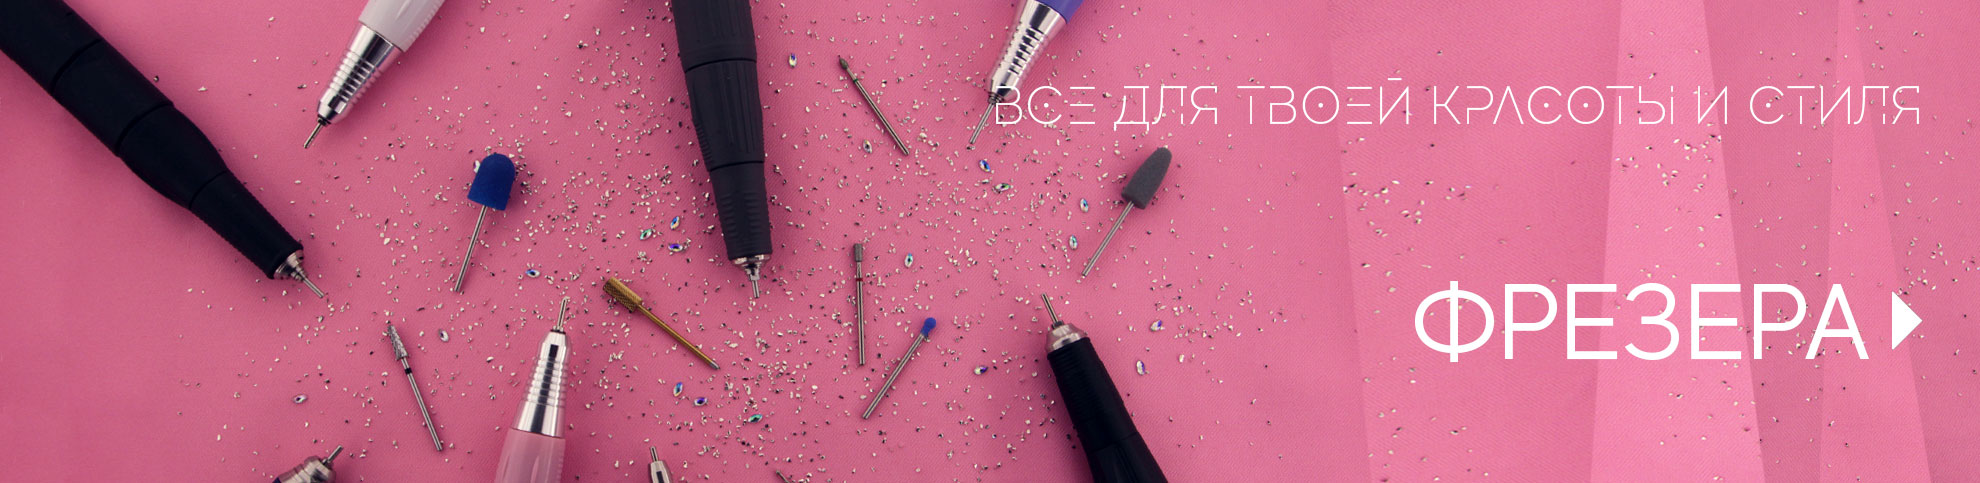 Инструменты для ногтевого сервиса. Фрезера